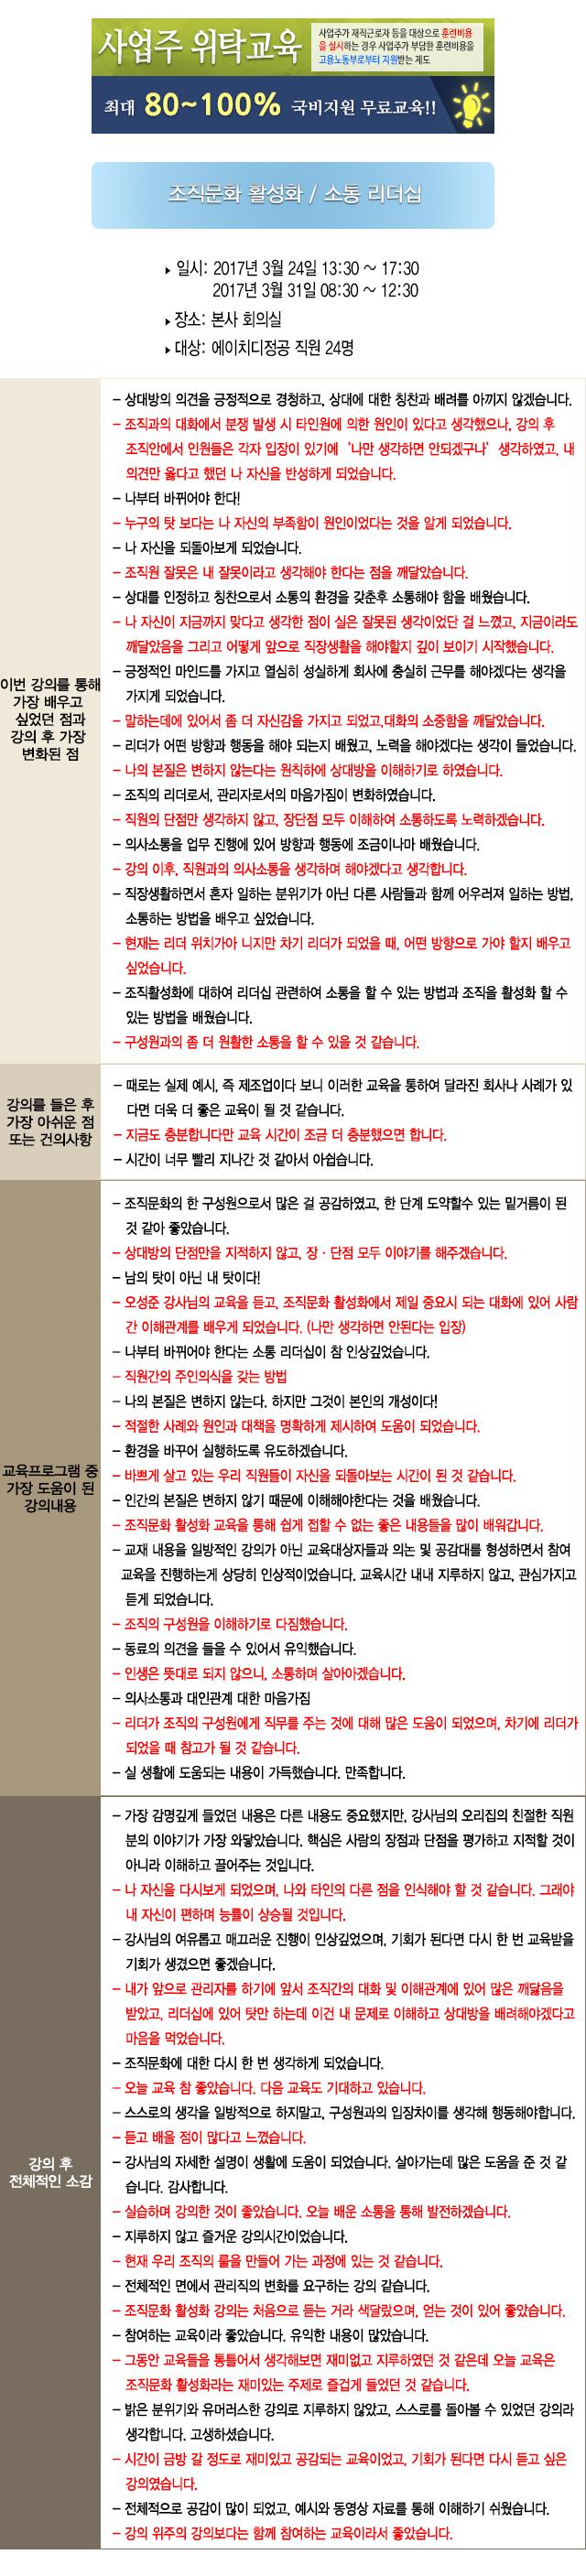 한국중앙인재개발원 후기 에이치디정공.jpg